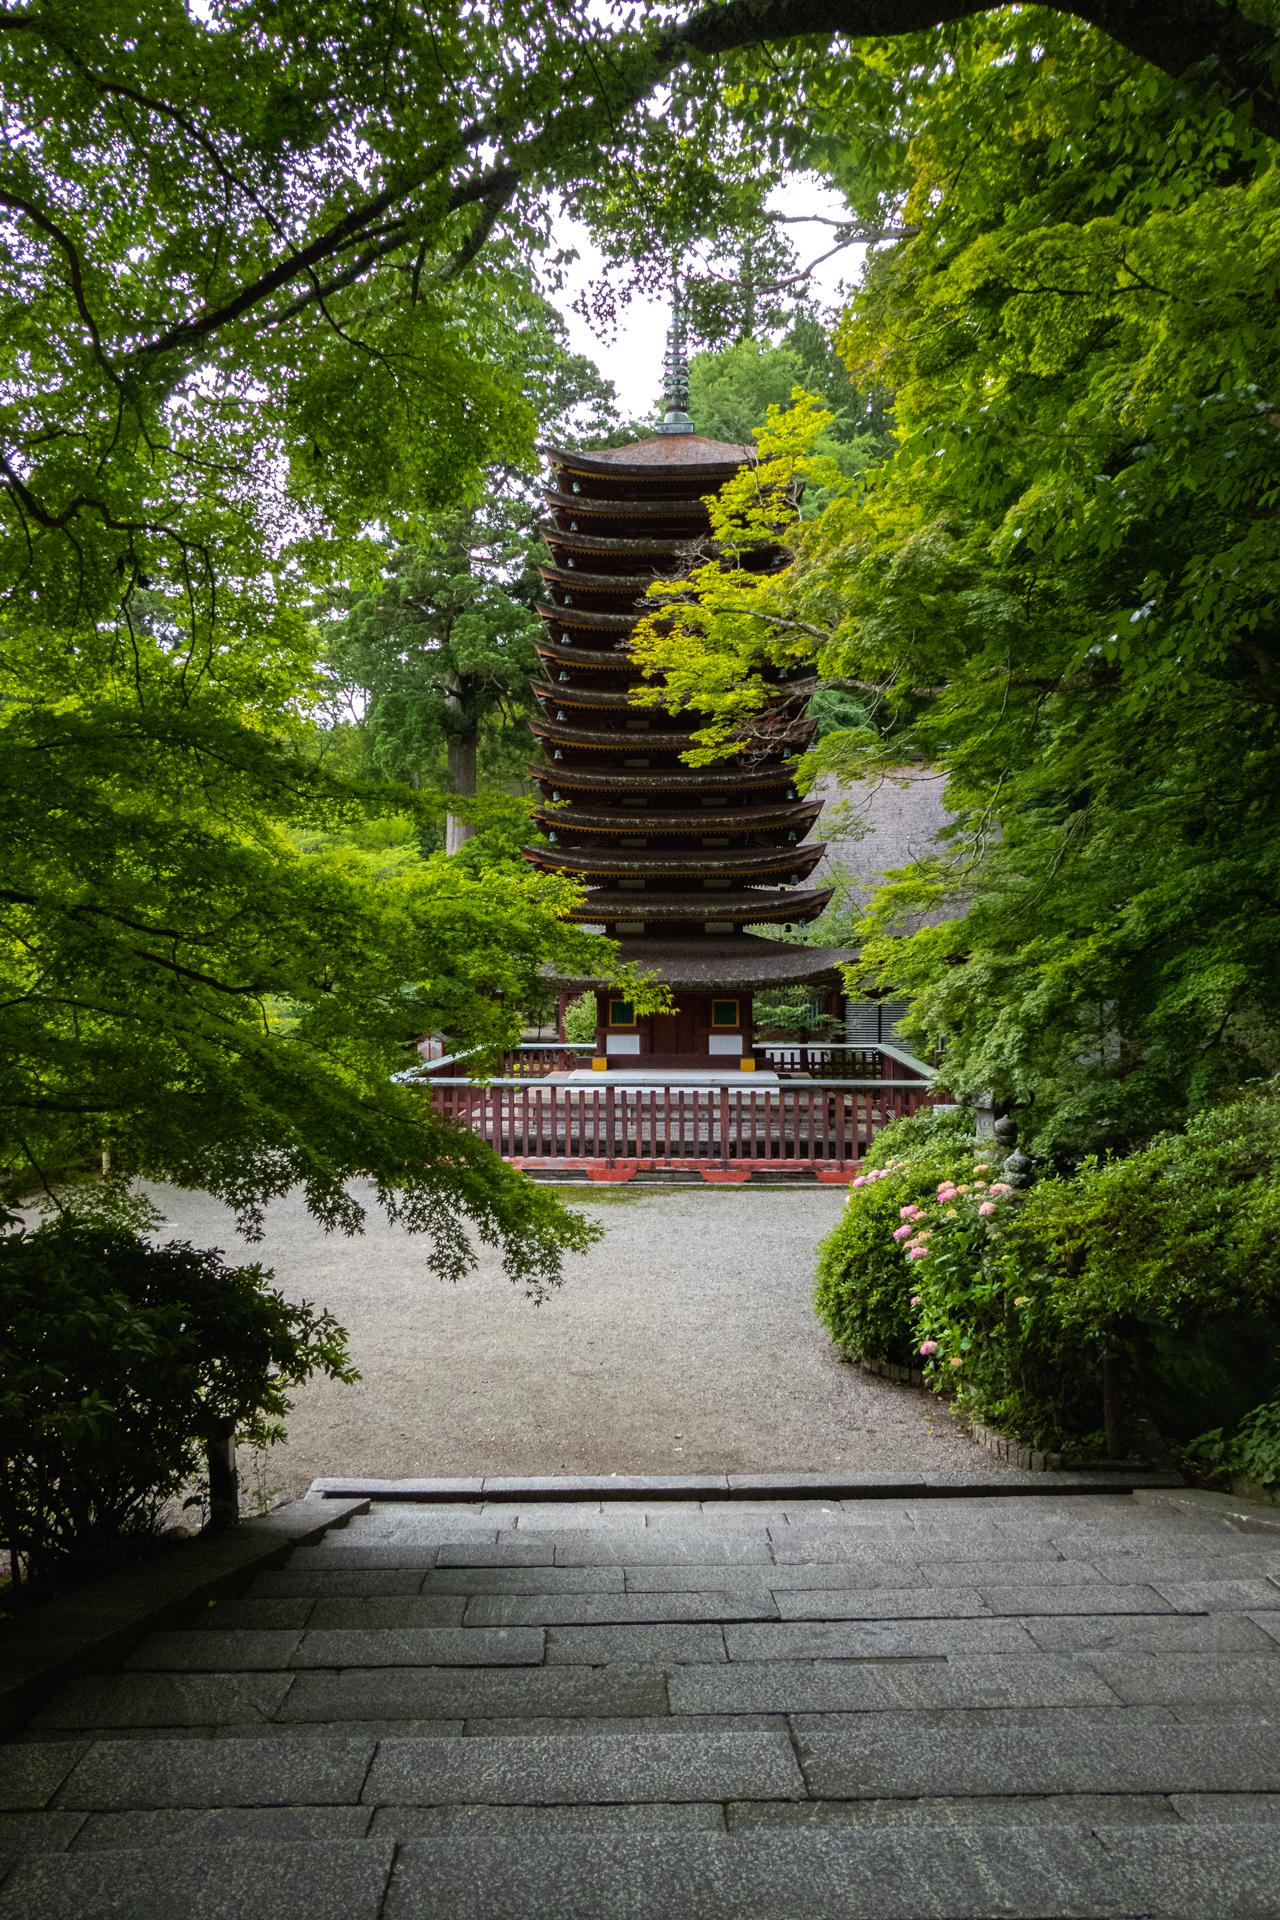 P1001198 奈良県  談山神社(あじさいと新緑の景色が美しい初夏におすすめのスポット! 写真の紹介、アクセス情報や駐車場情報など)